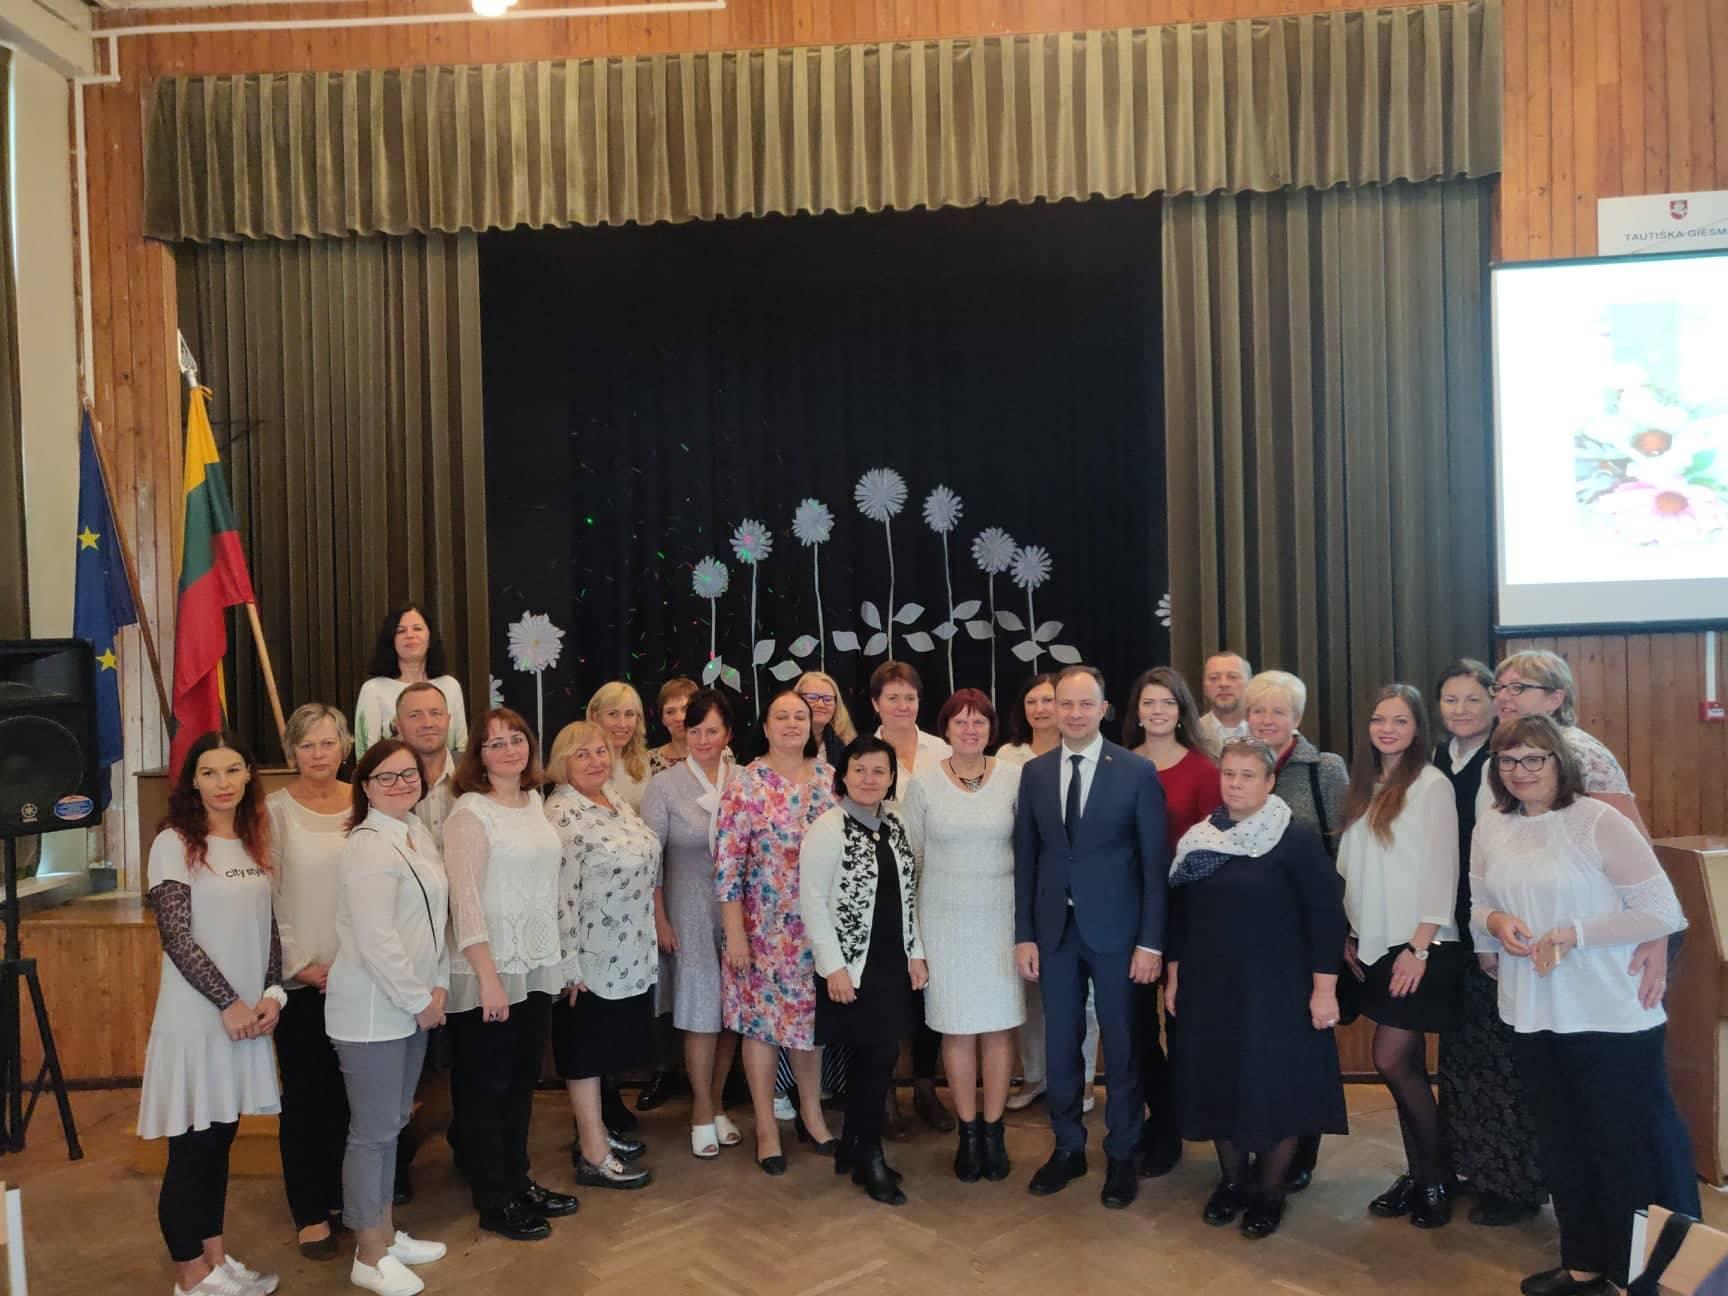 Mokytojų sveikinimas Tarptautinės mokytojų dienos proga